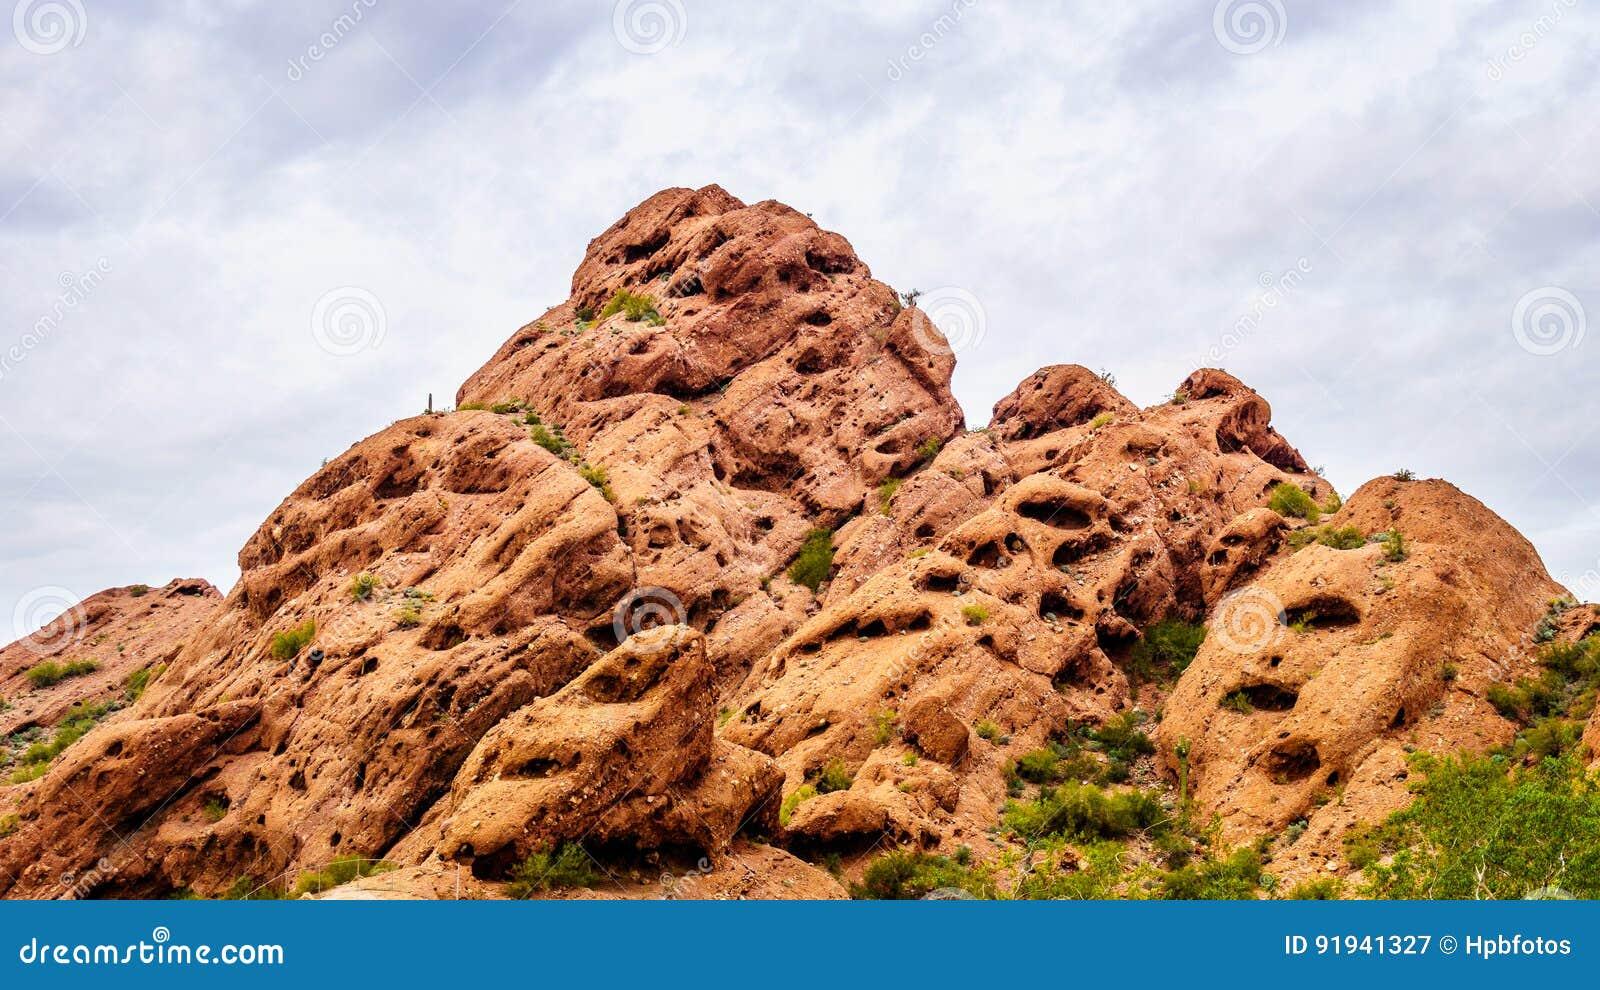 Abnutzung der roter Sandstein Buttes schuf interessante Felsformationen in Papago-Park